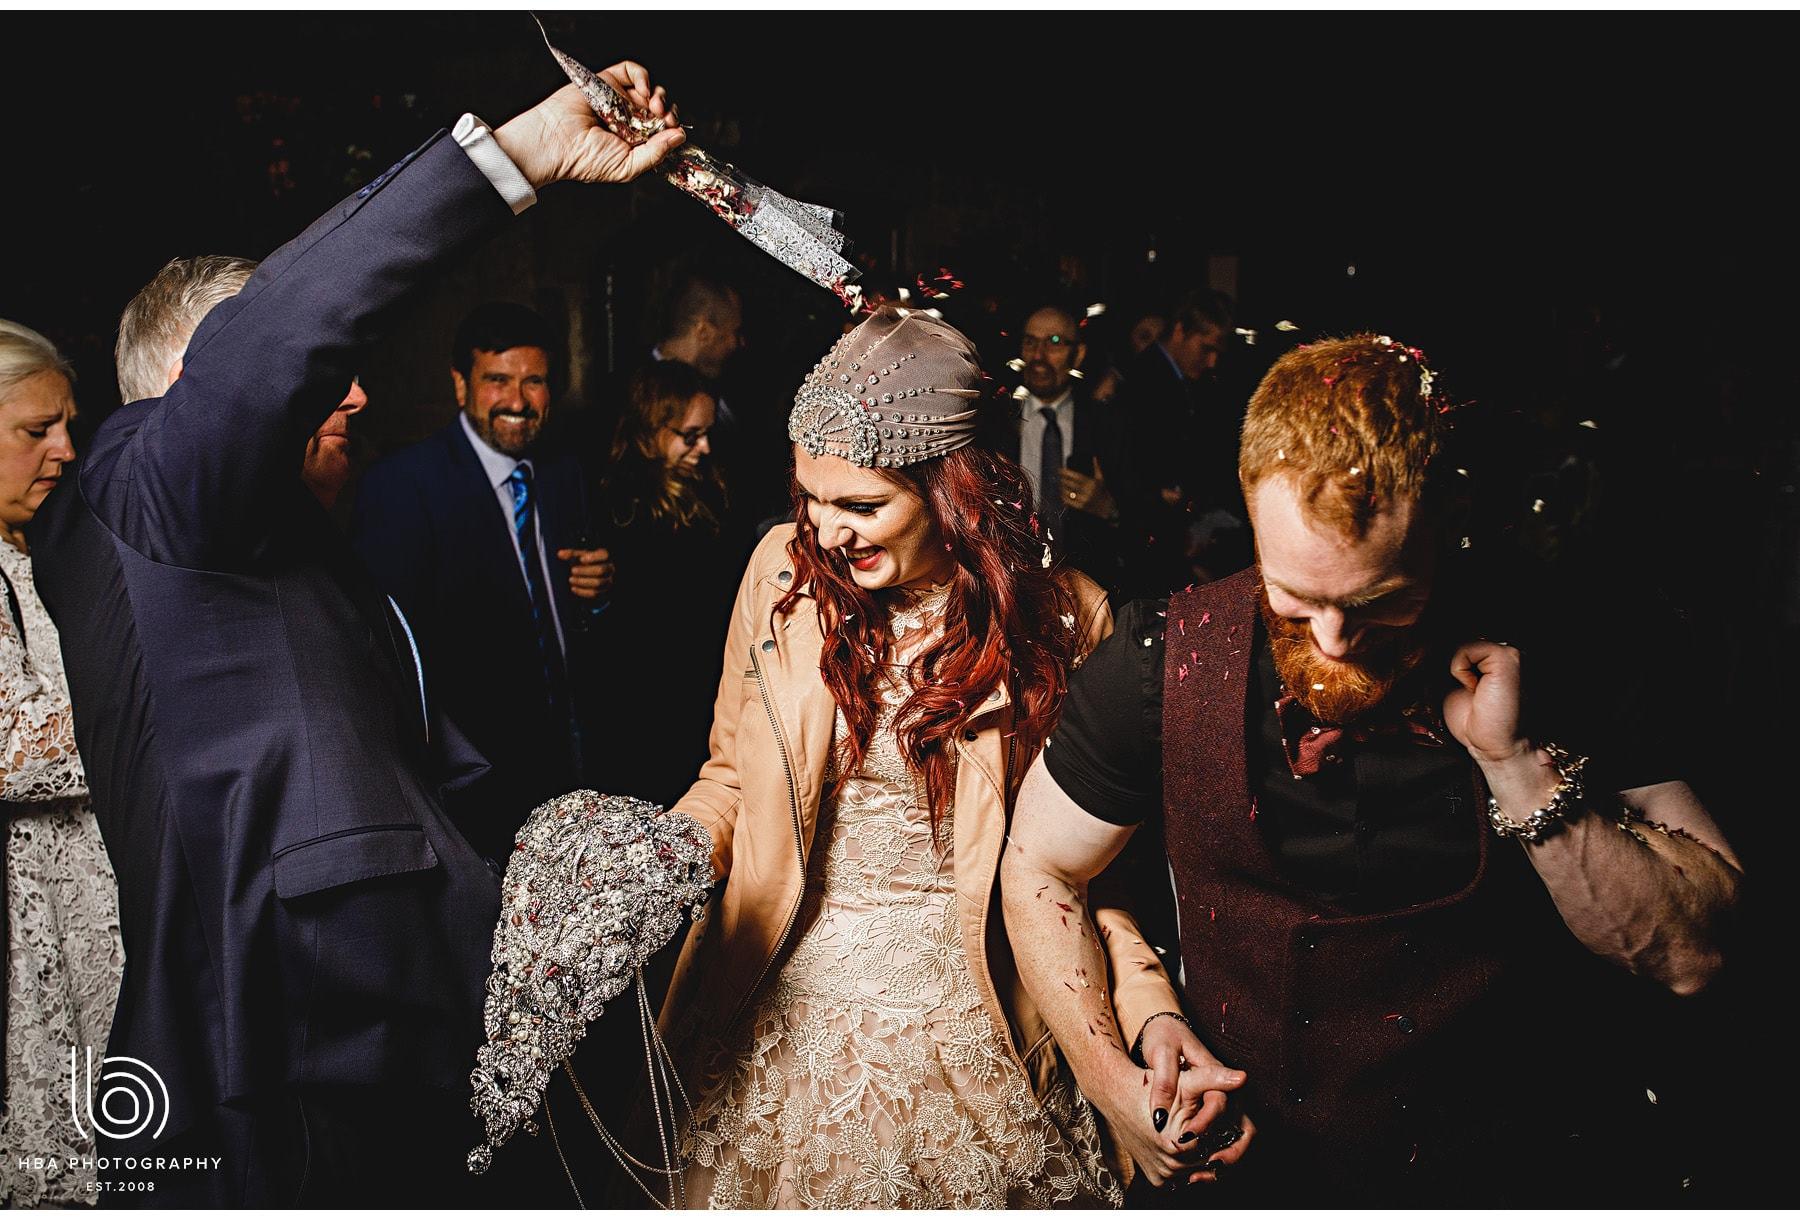 the bride & groom getting confetti'ed!